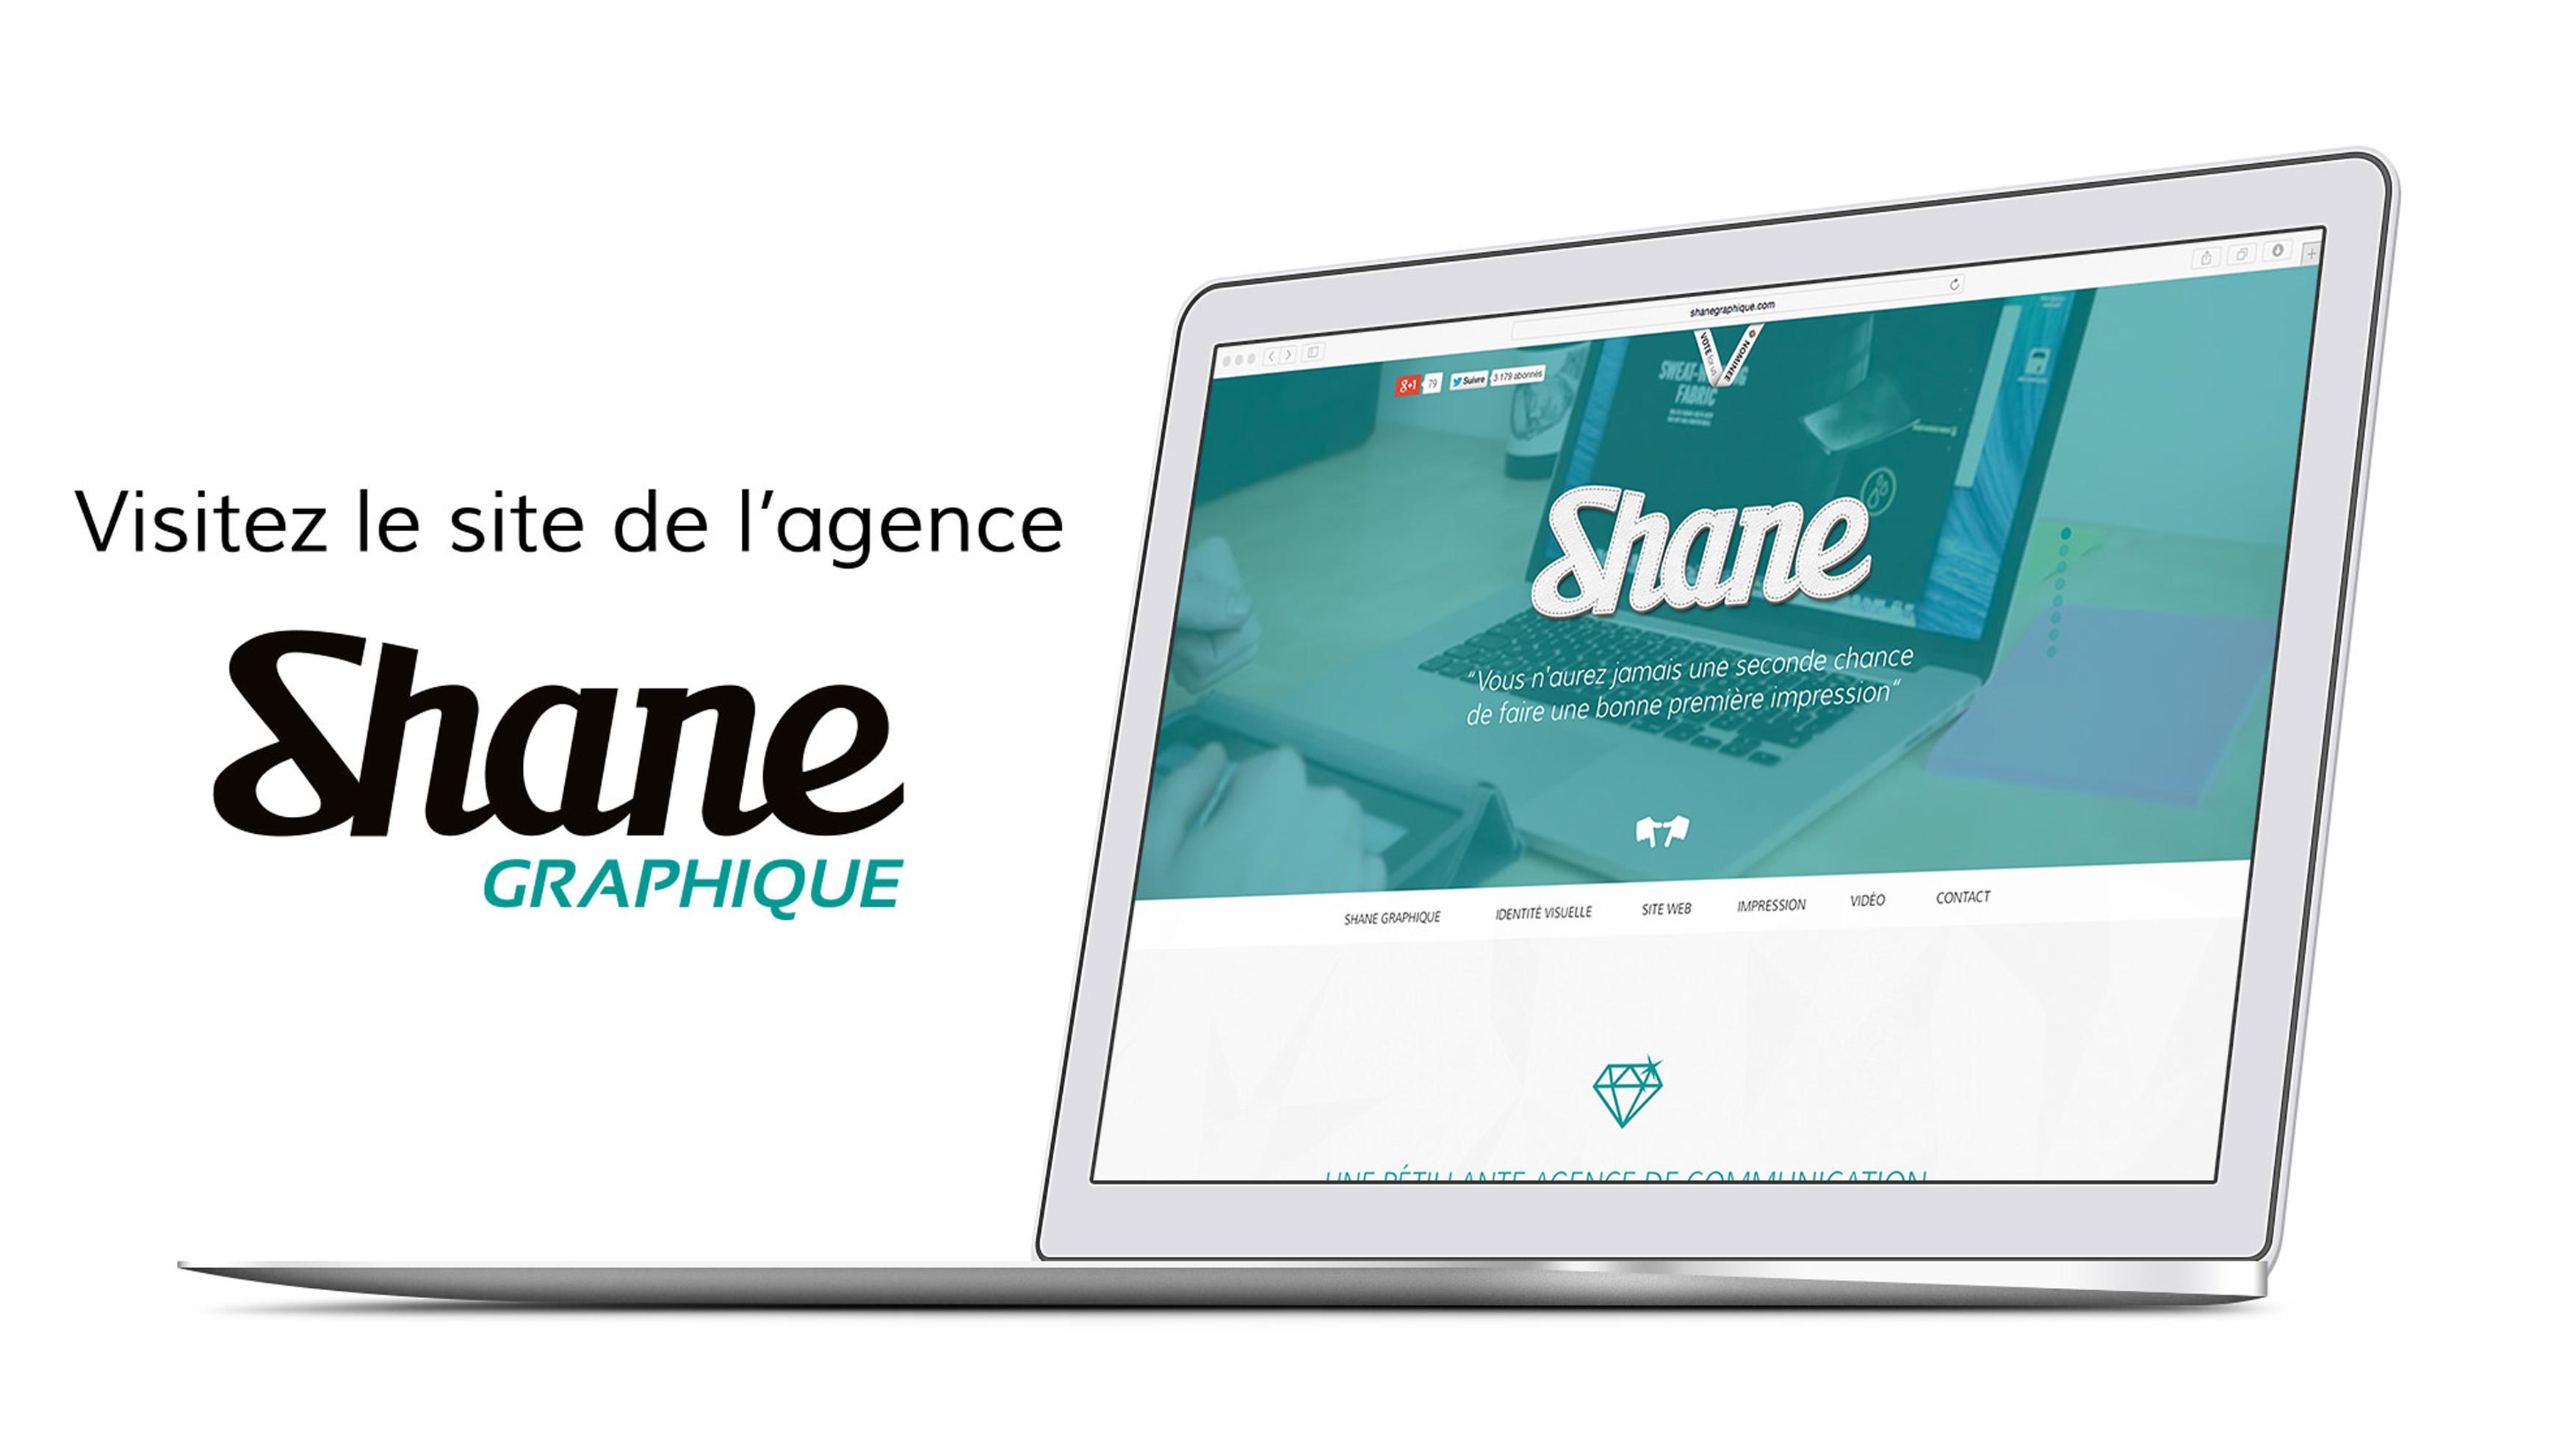 shane-graphique-web-2